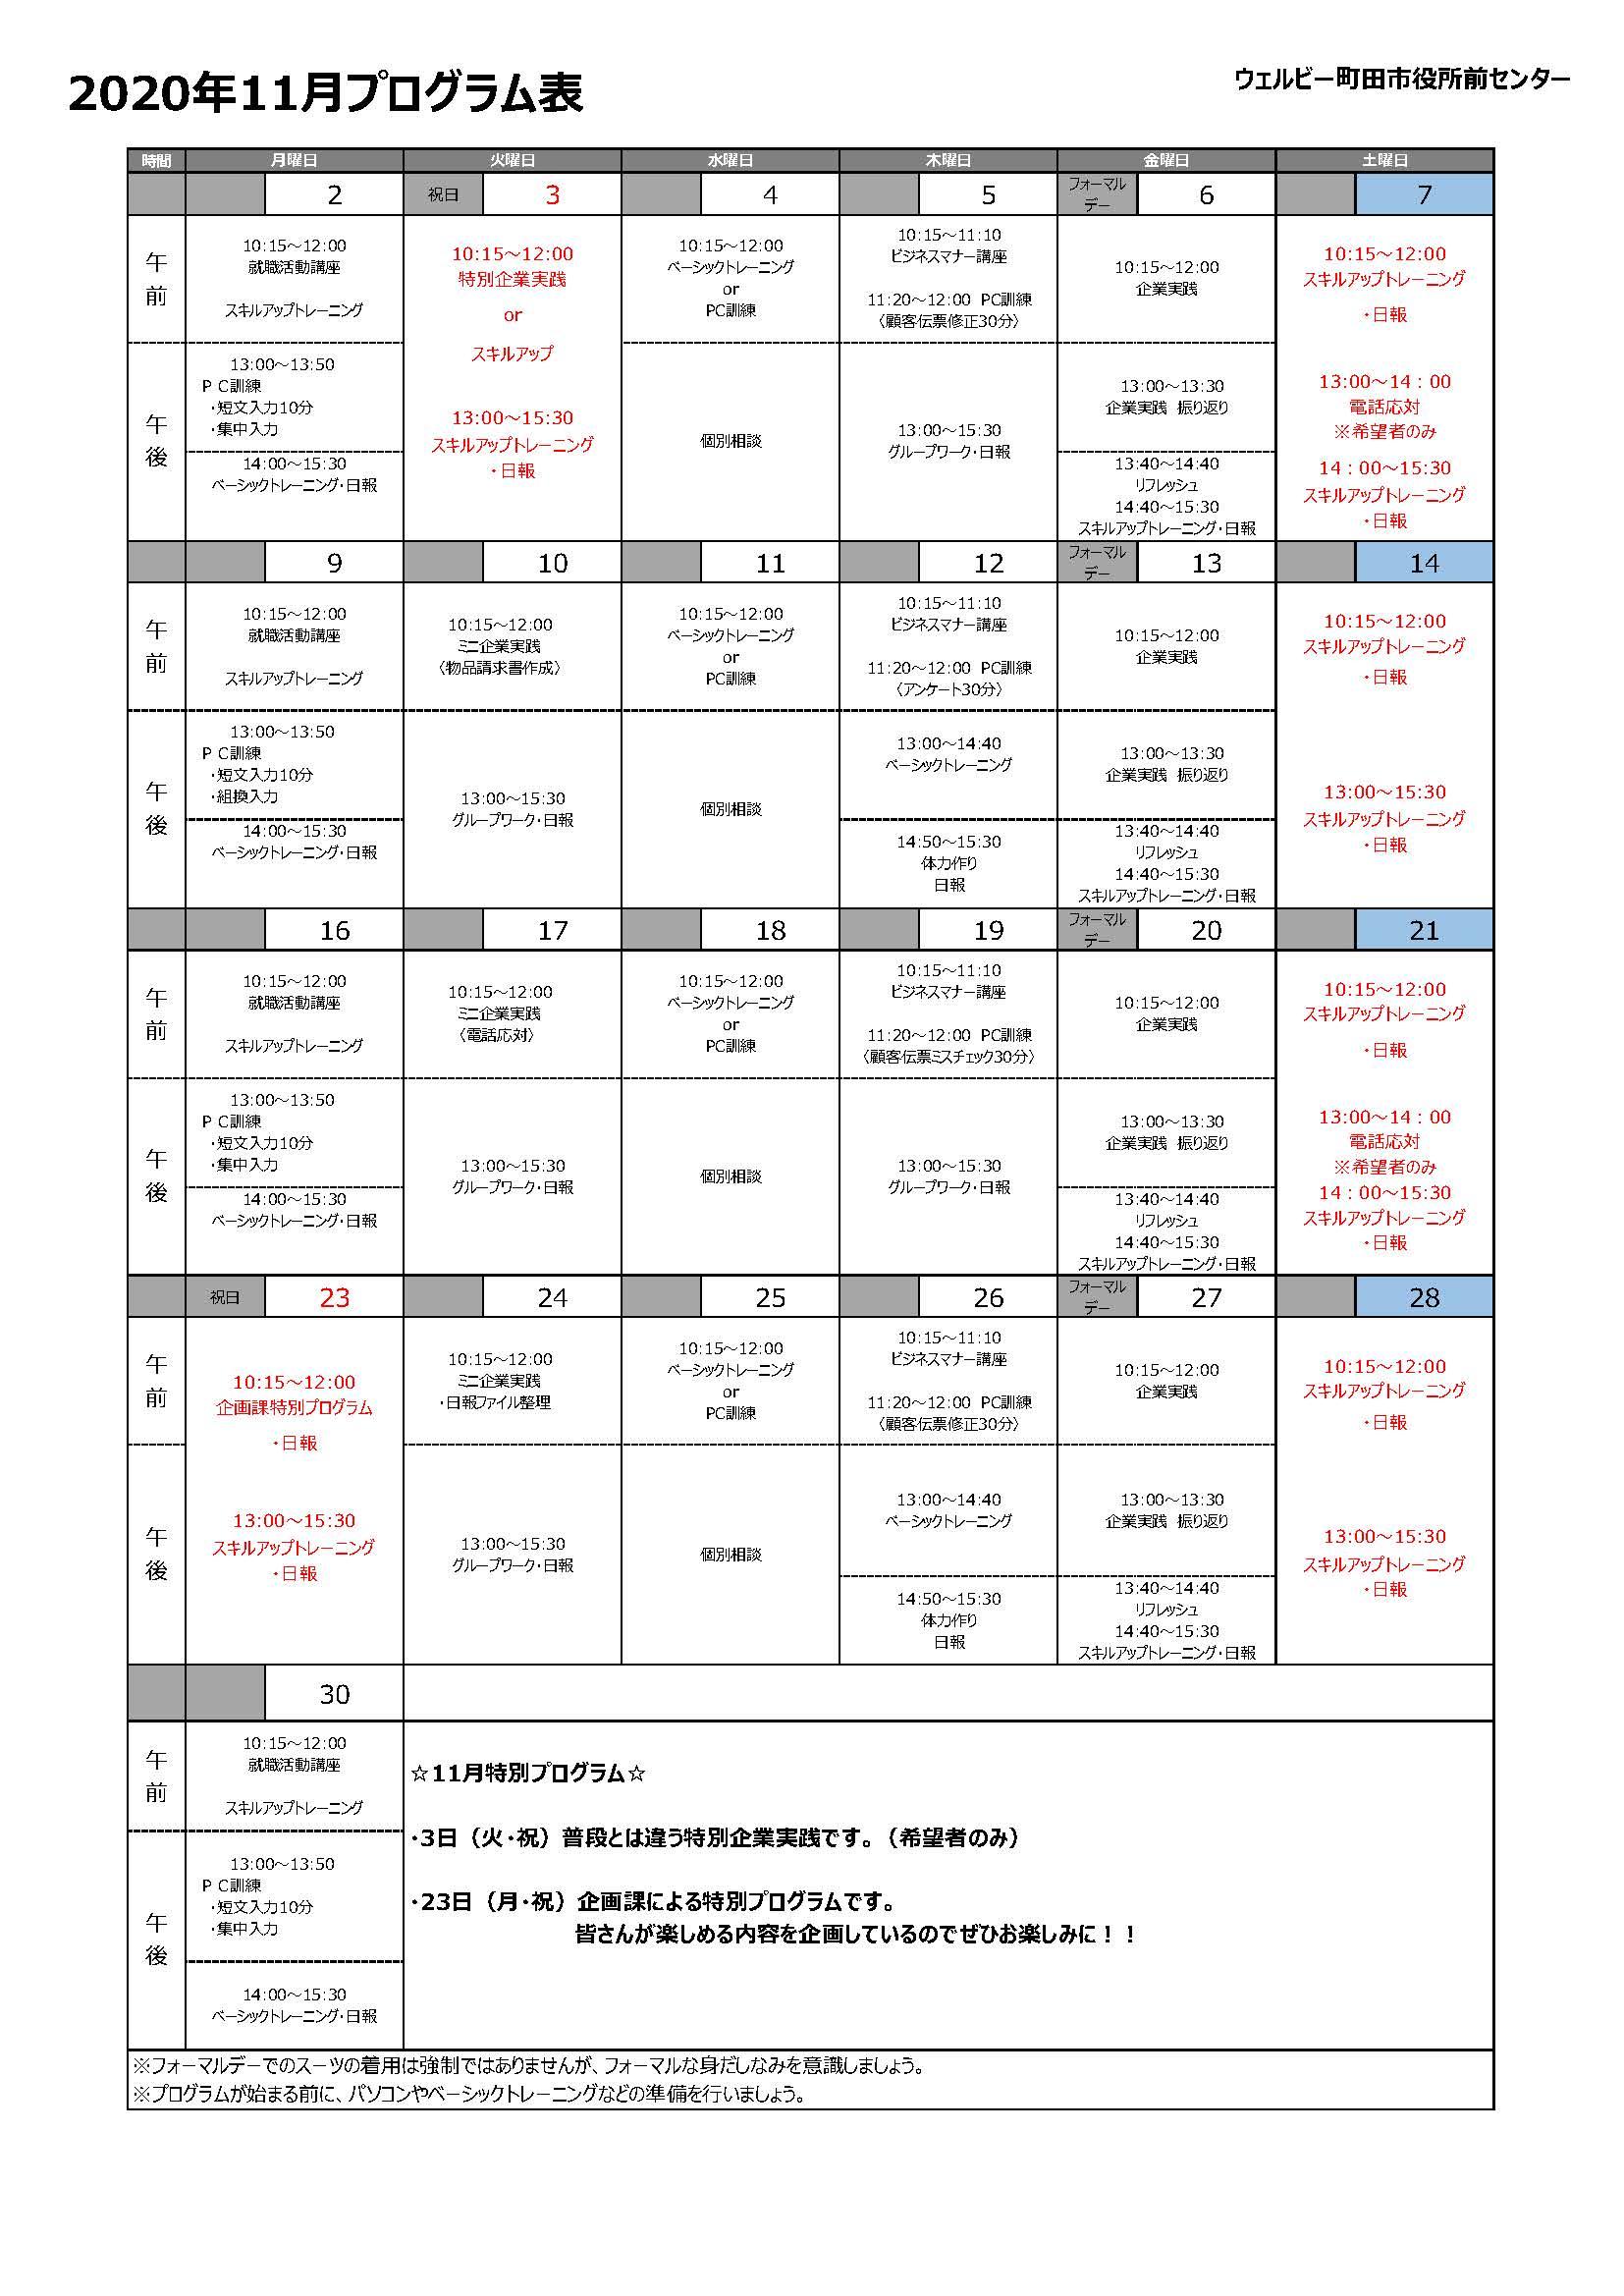 【町田市役所前】11月スケジュール表